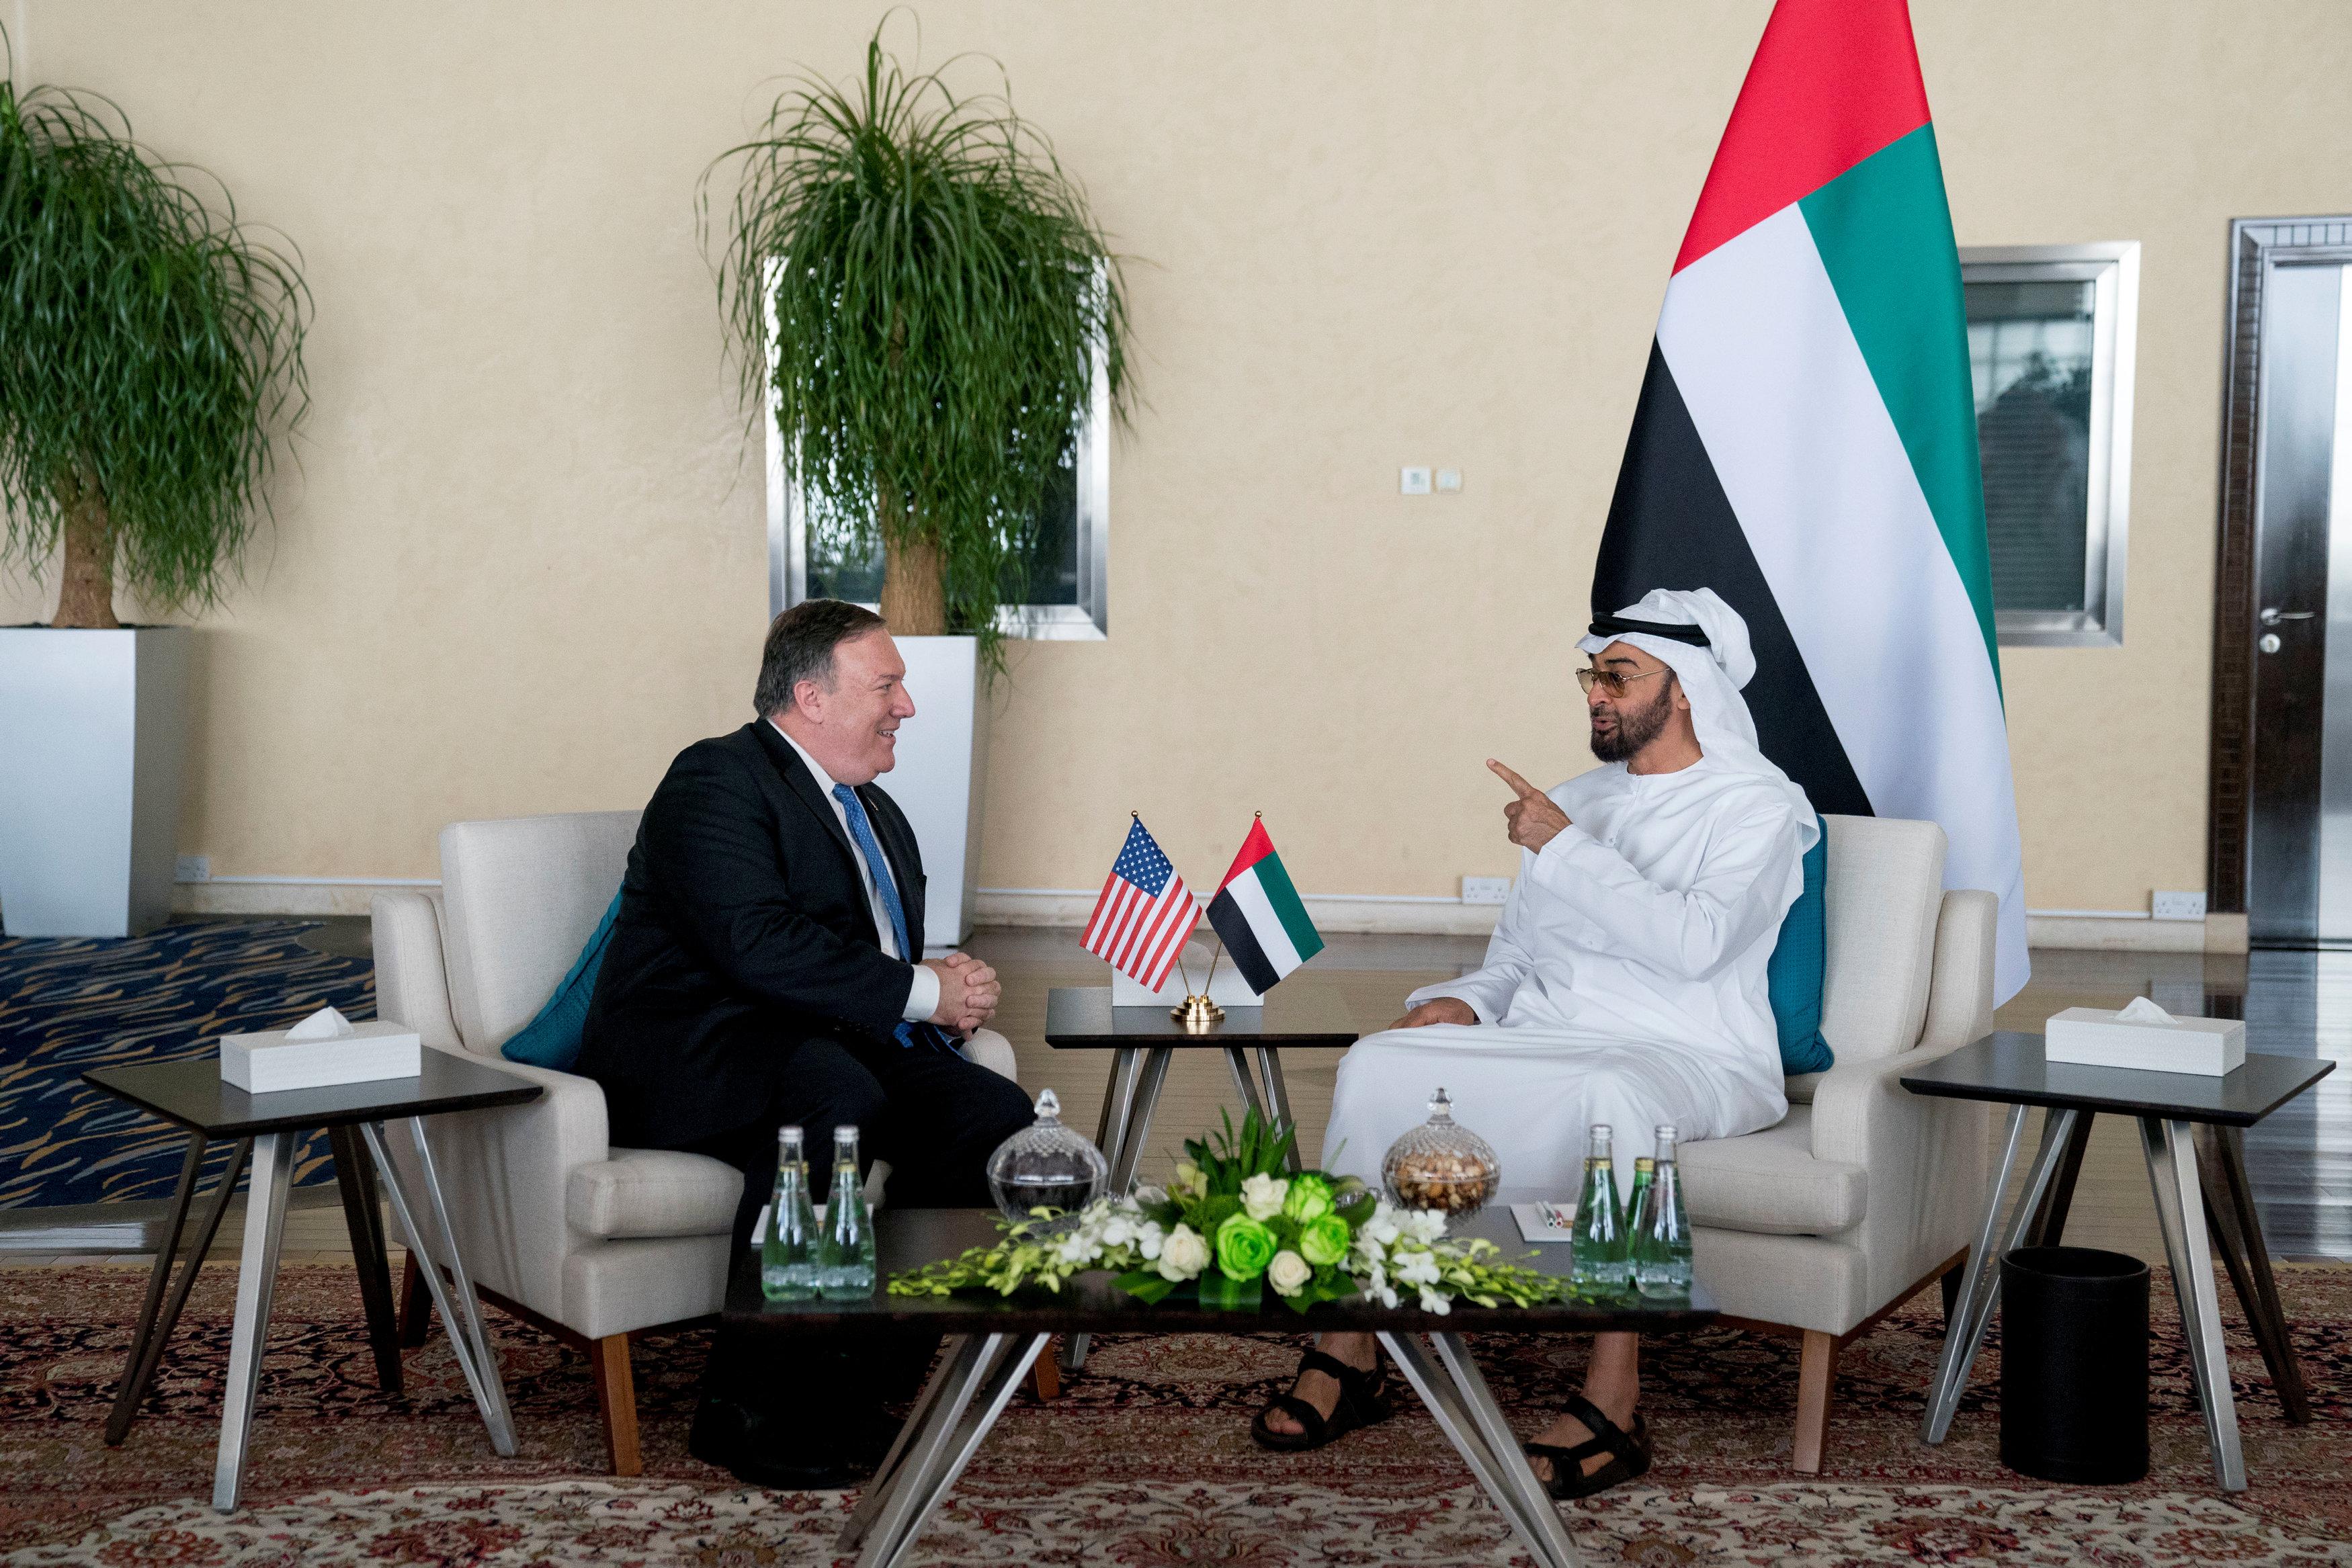 ولى عهد أبو ظبى فى حديث مع وزير الخارجية الأمريكى